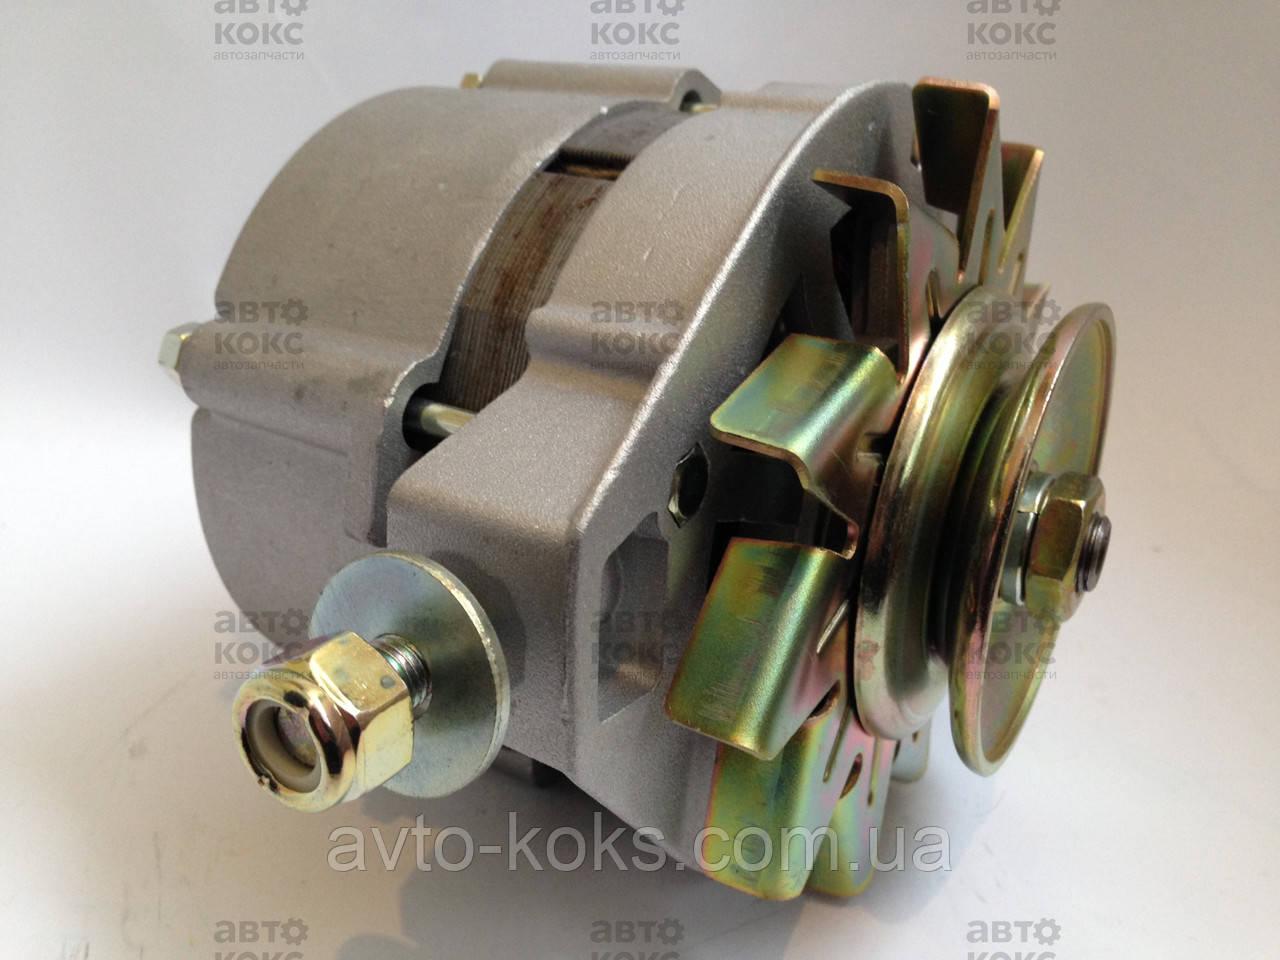 Как менять топливный фильтр на ваз 2114 двигатель 1.6